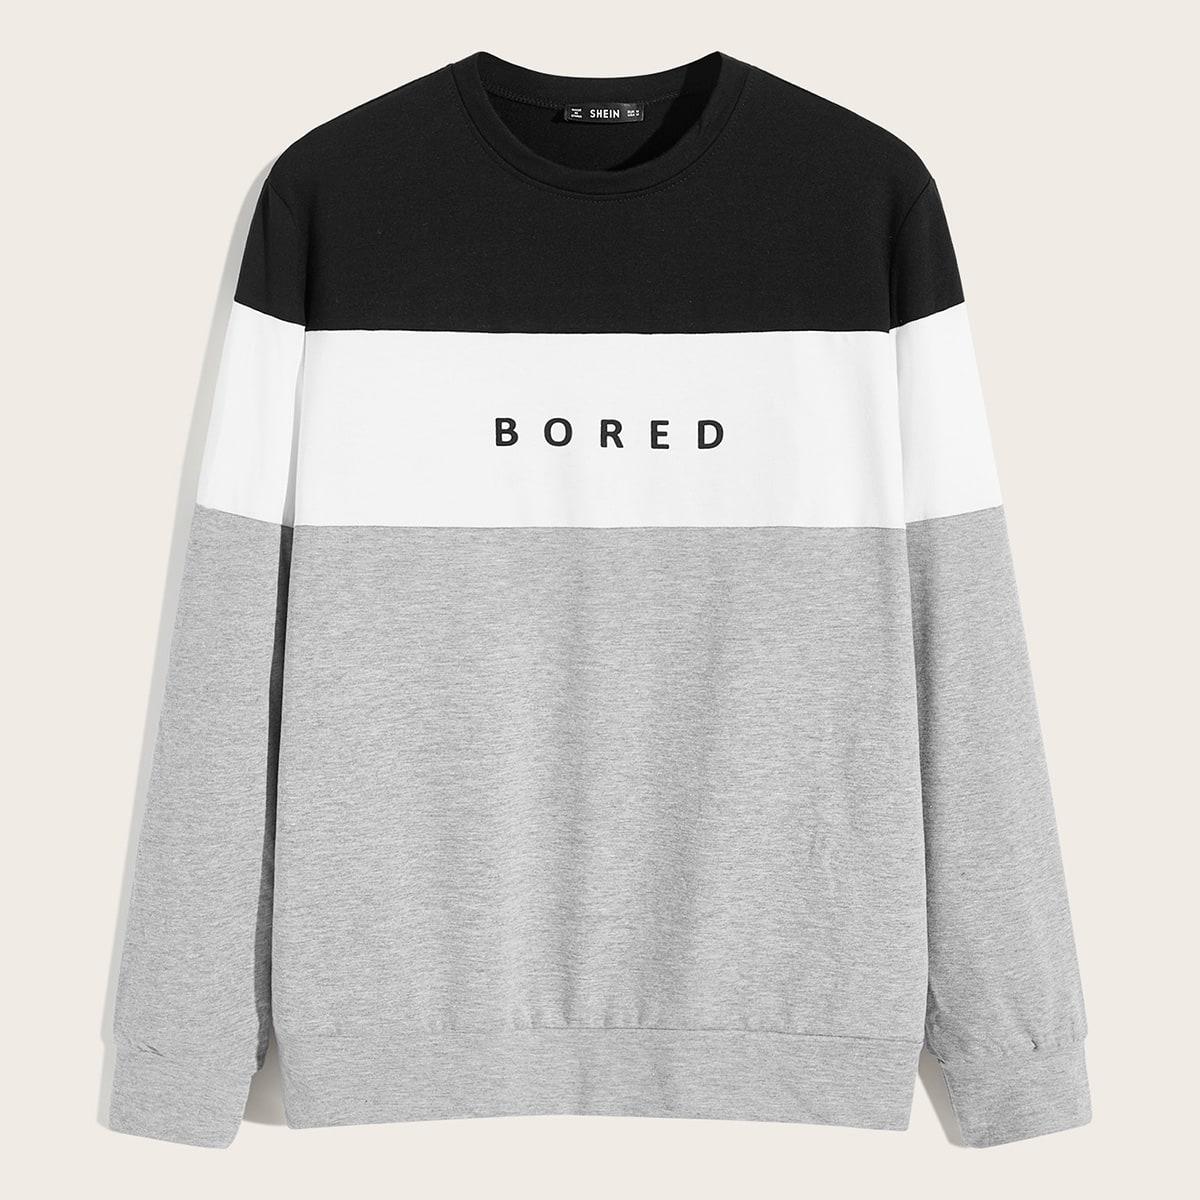 Мужской контрастный пуловер с текстовым принтом от SHEIN